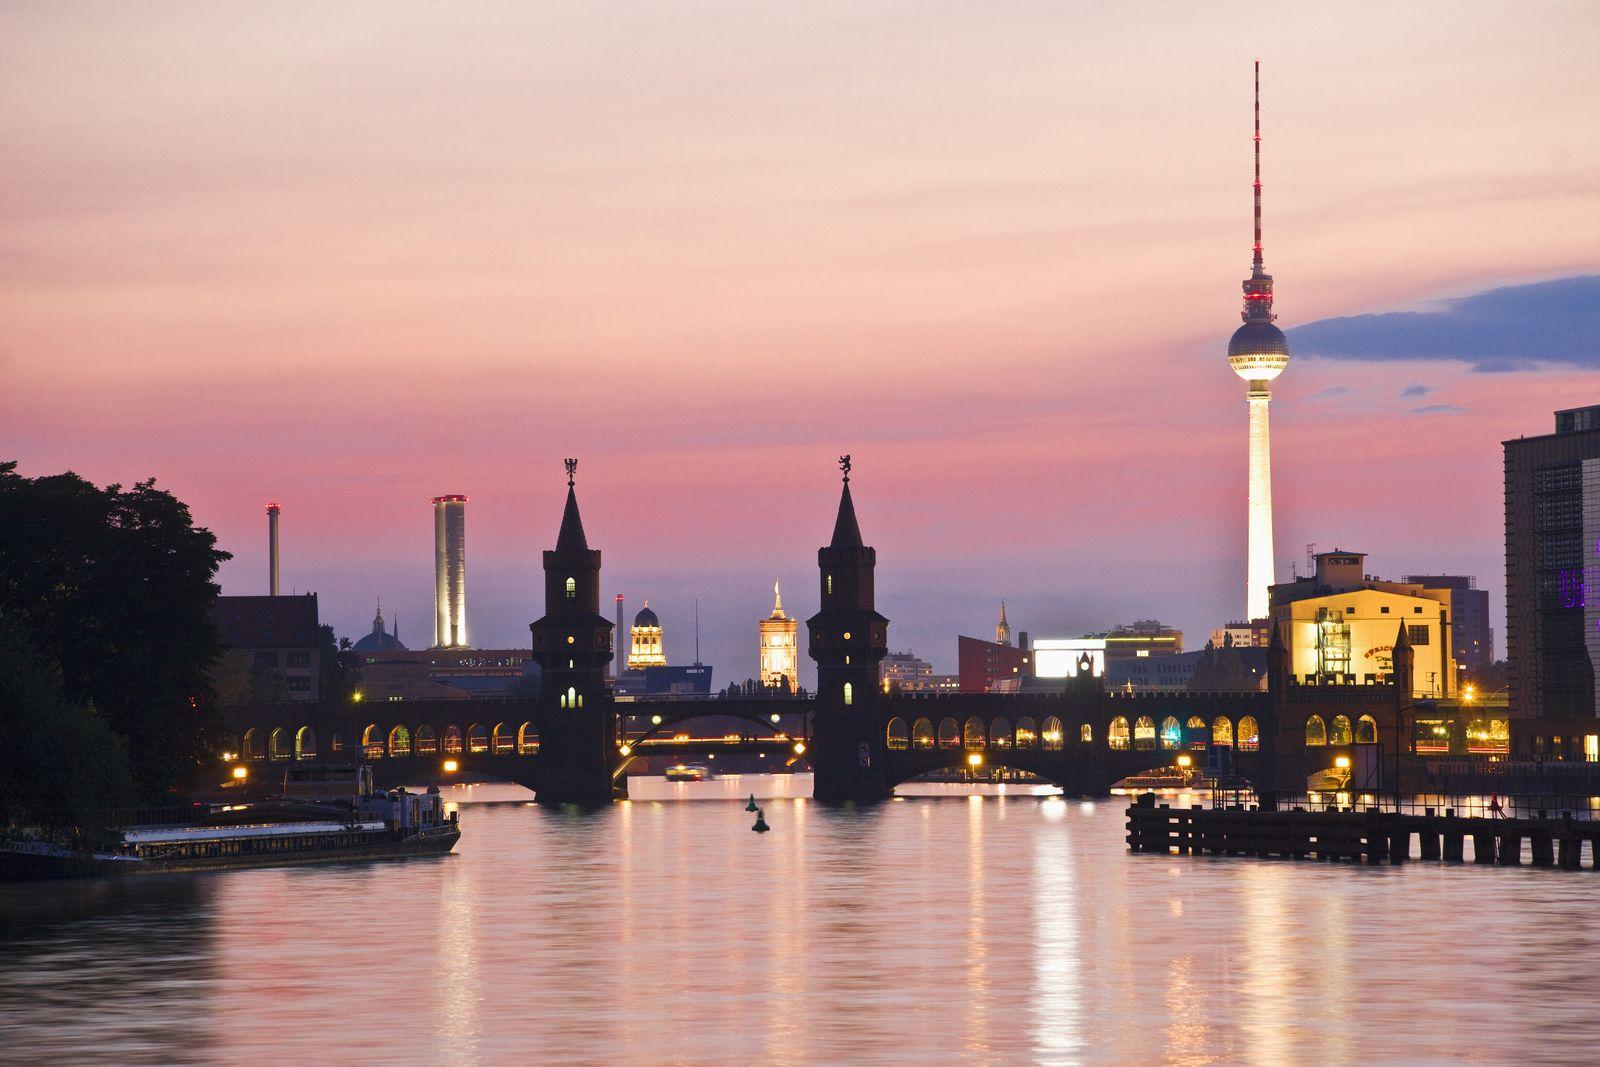 NICHT MEHR VERWENDEN! - Berlin Skyline / Spree / Kreuzberg / Abendhimmel